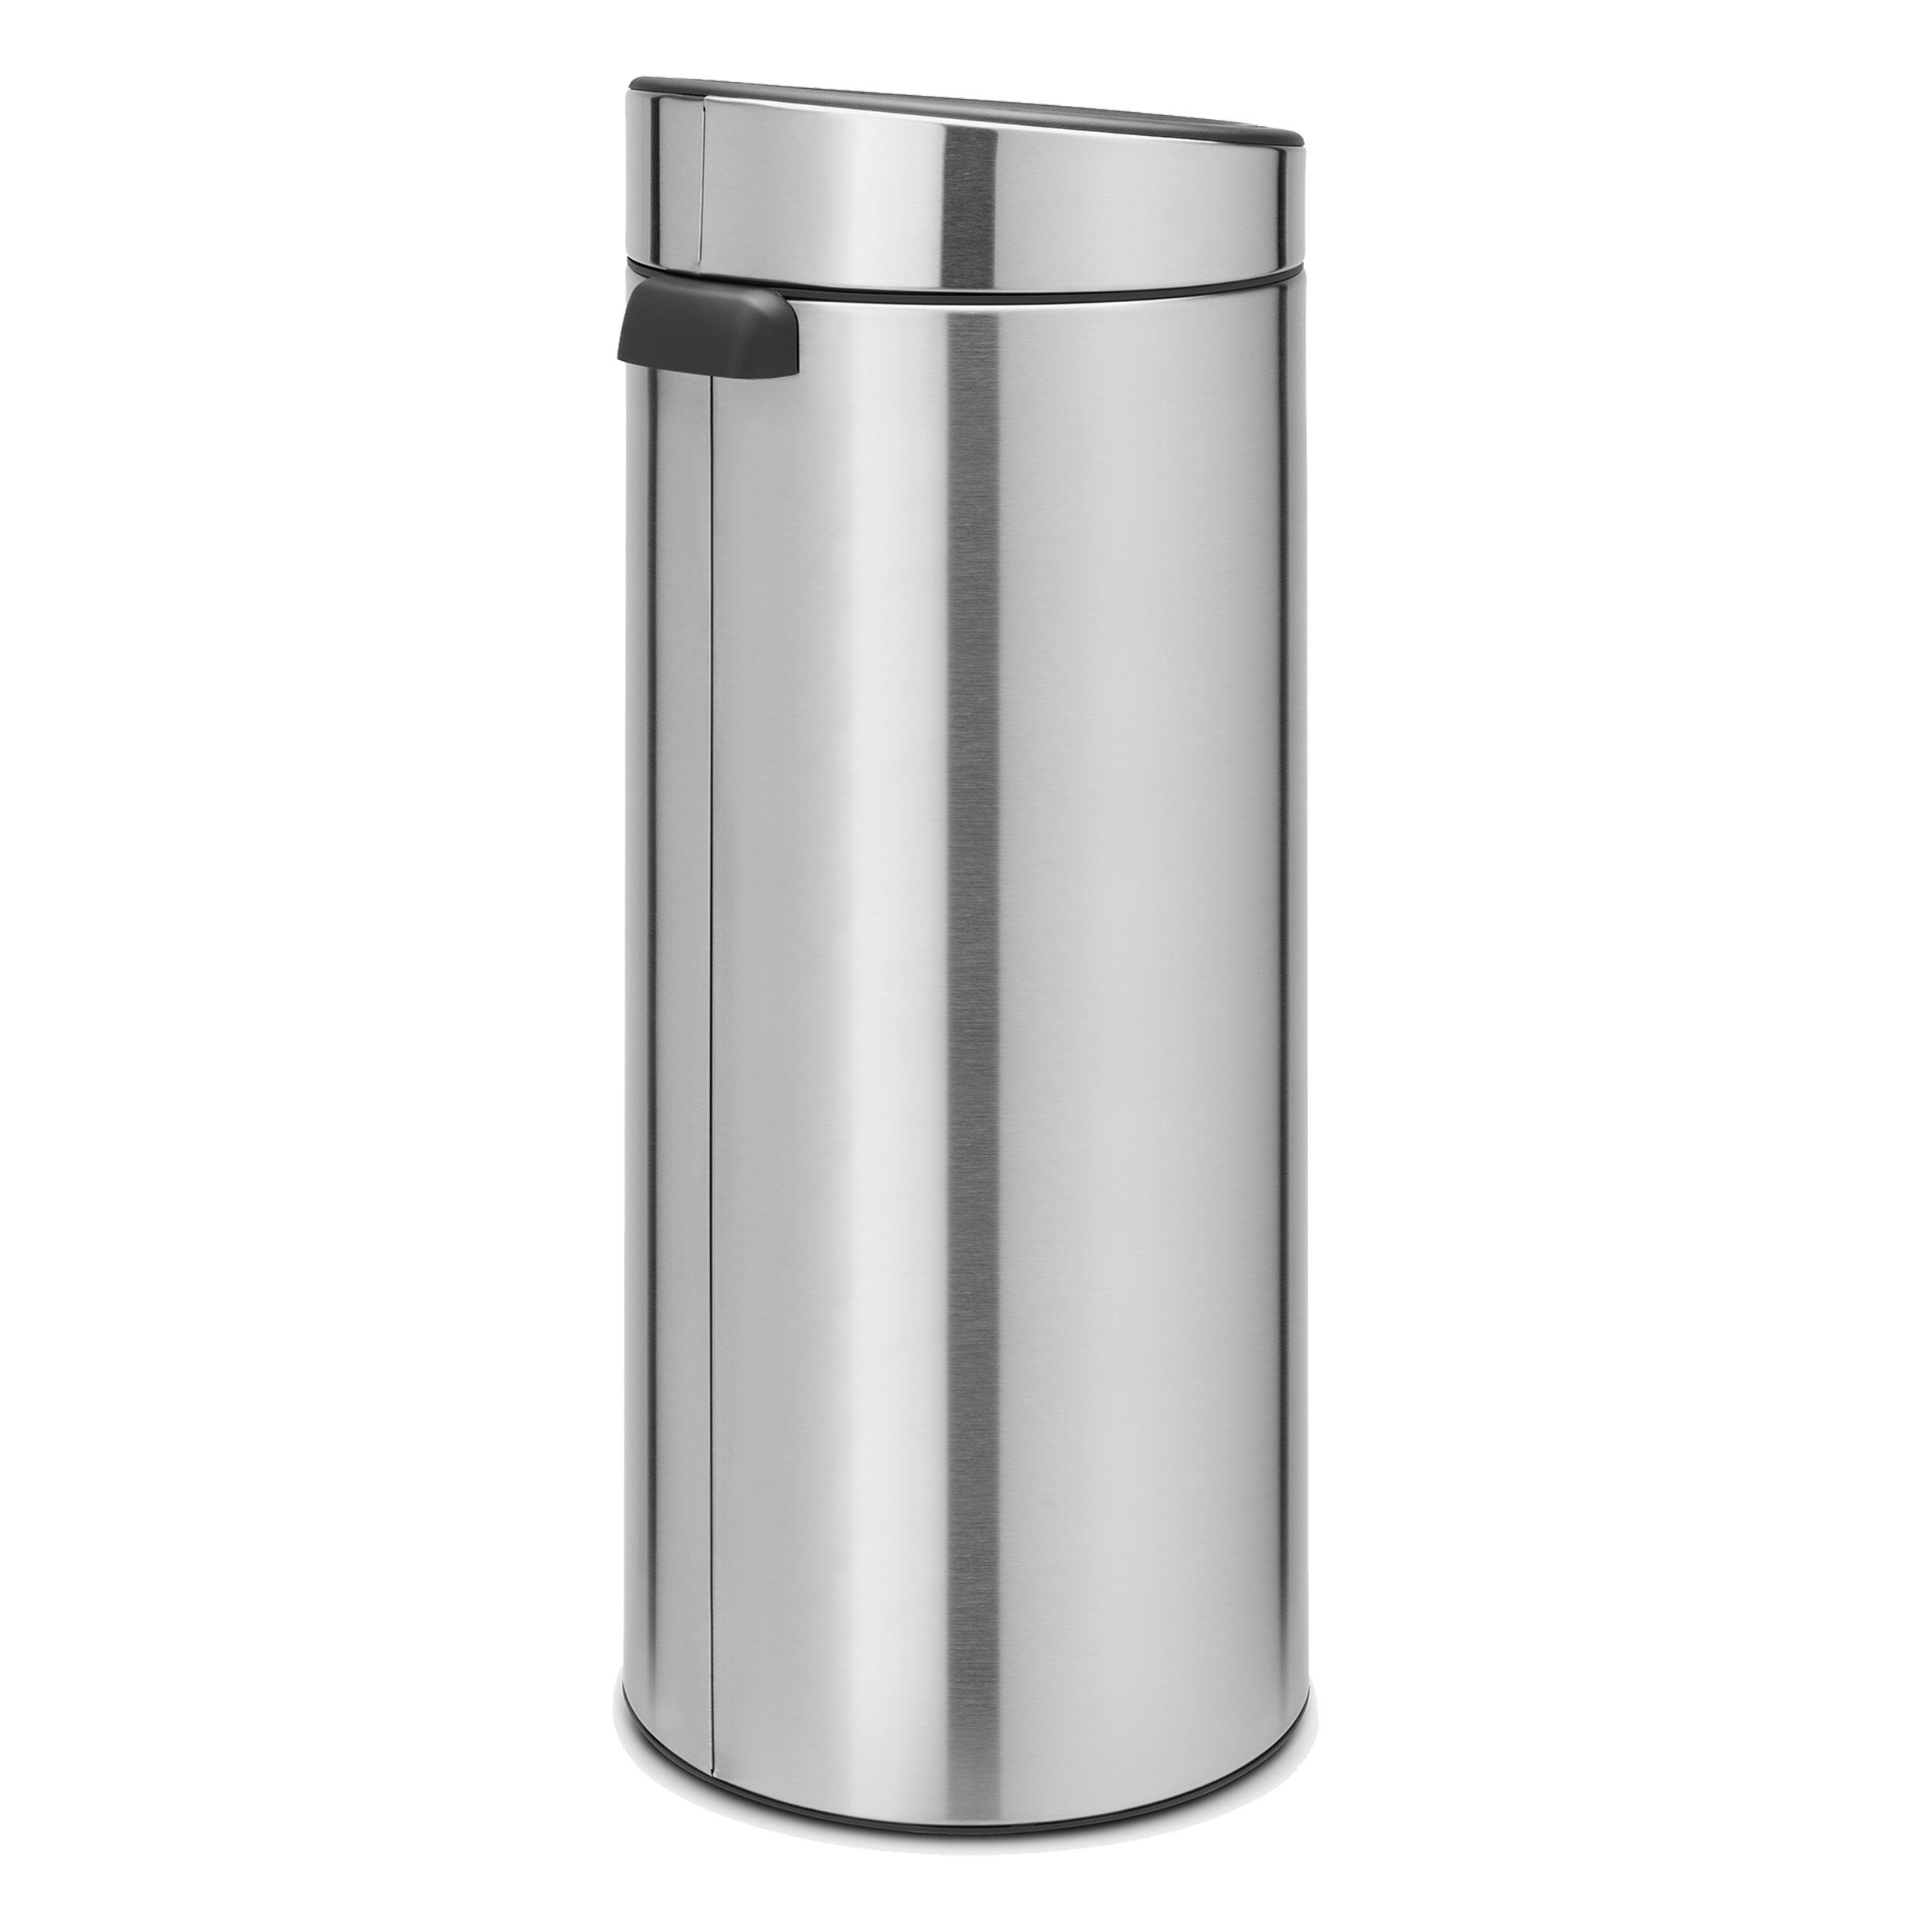 Brabantia Touch Bin 30 Liter.Brabantia Touch Bin Trash Can Wastebasket Dustbin In Matt Steel